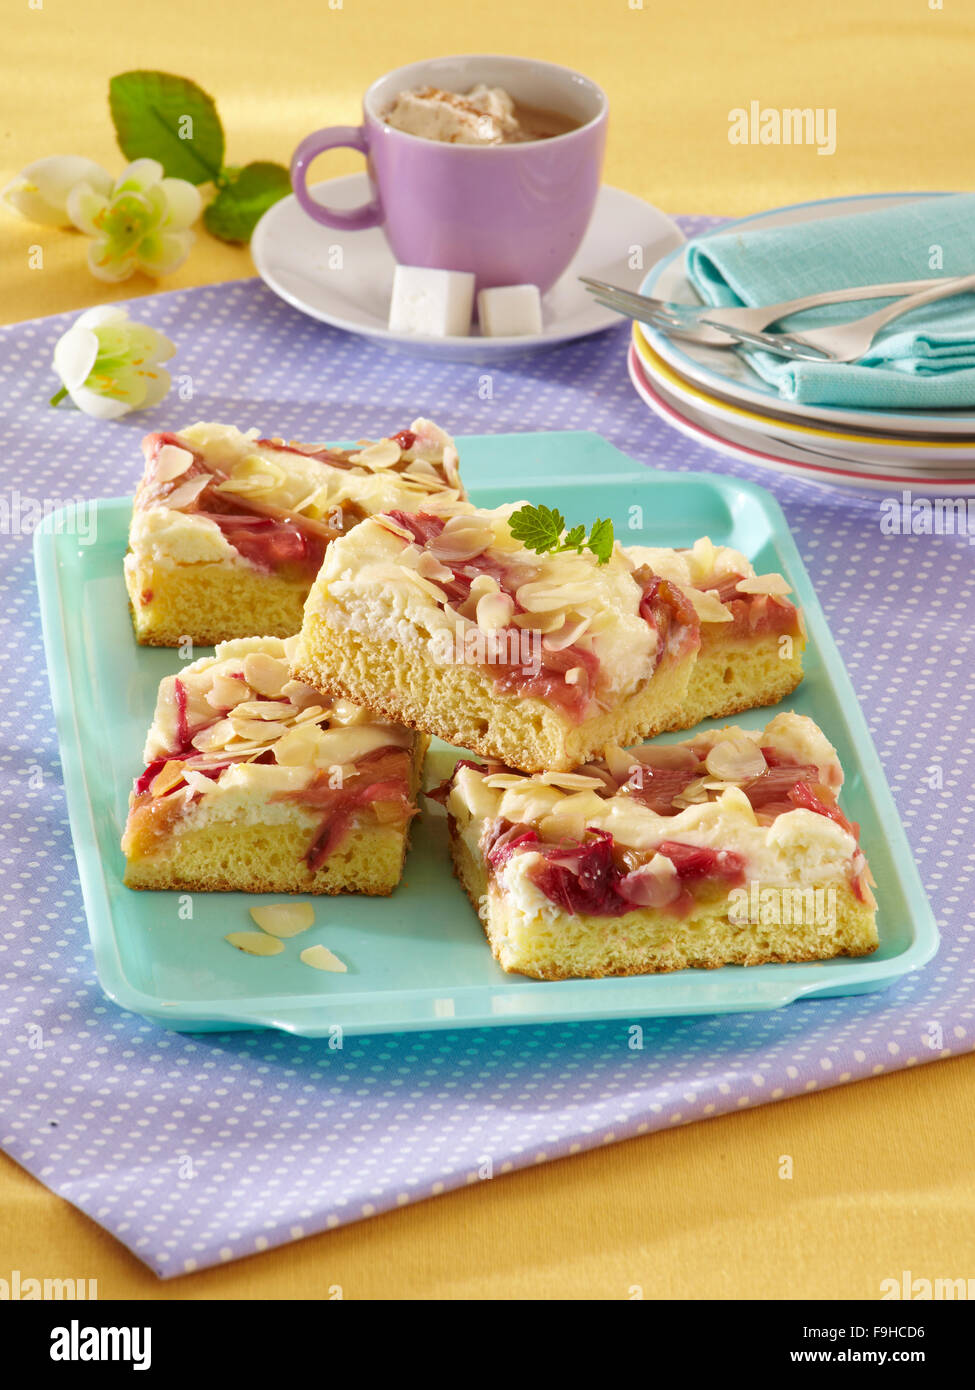 Rhabarber Quark Torte Stockfoto Bild 91966706 Alamy